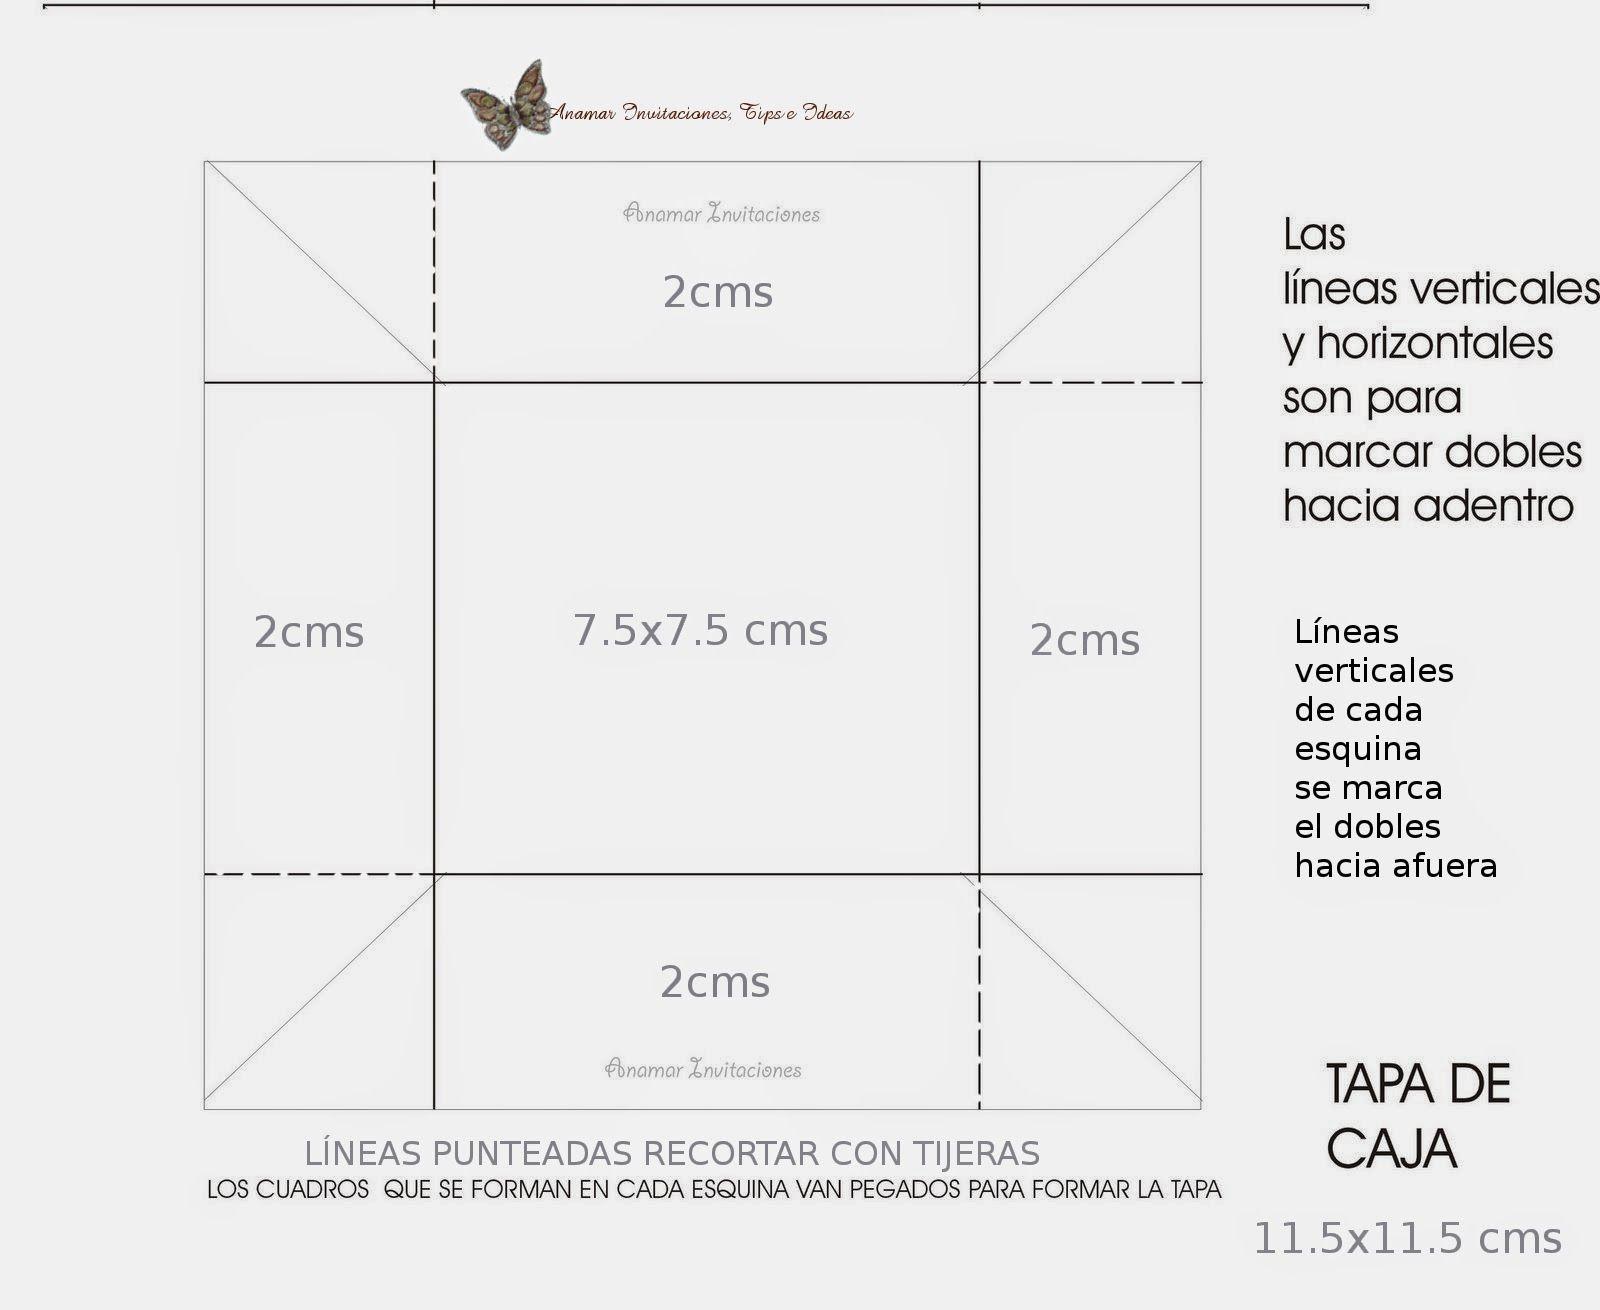 Pin De At Maaarsuarez En Medidas De Caja Cajas Invitaciones